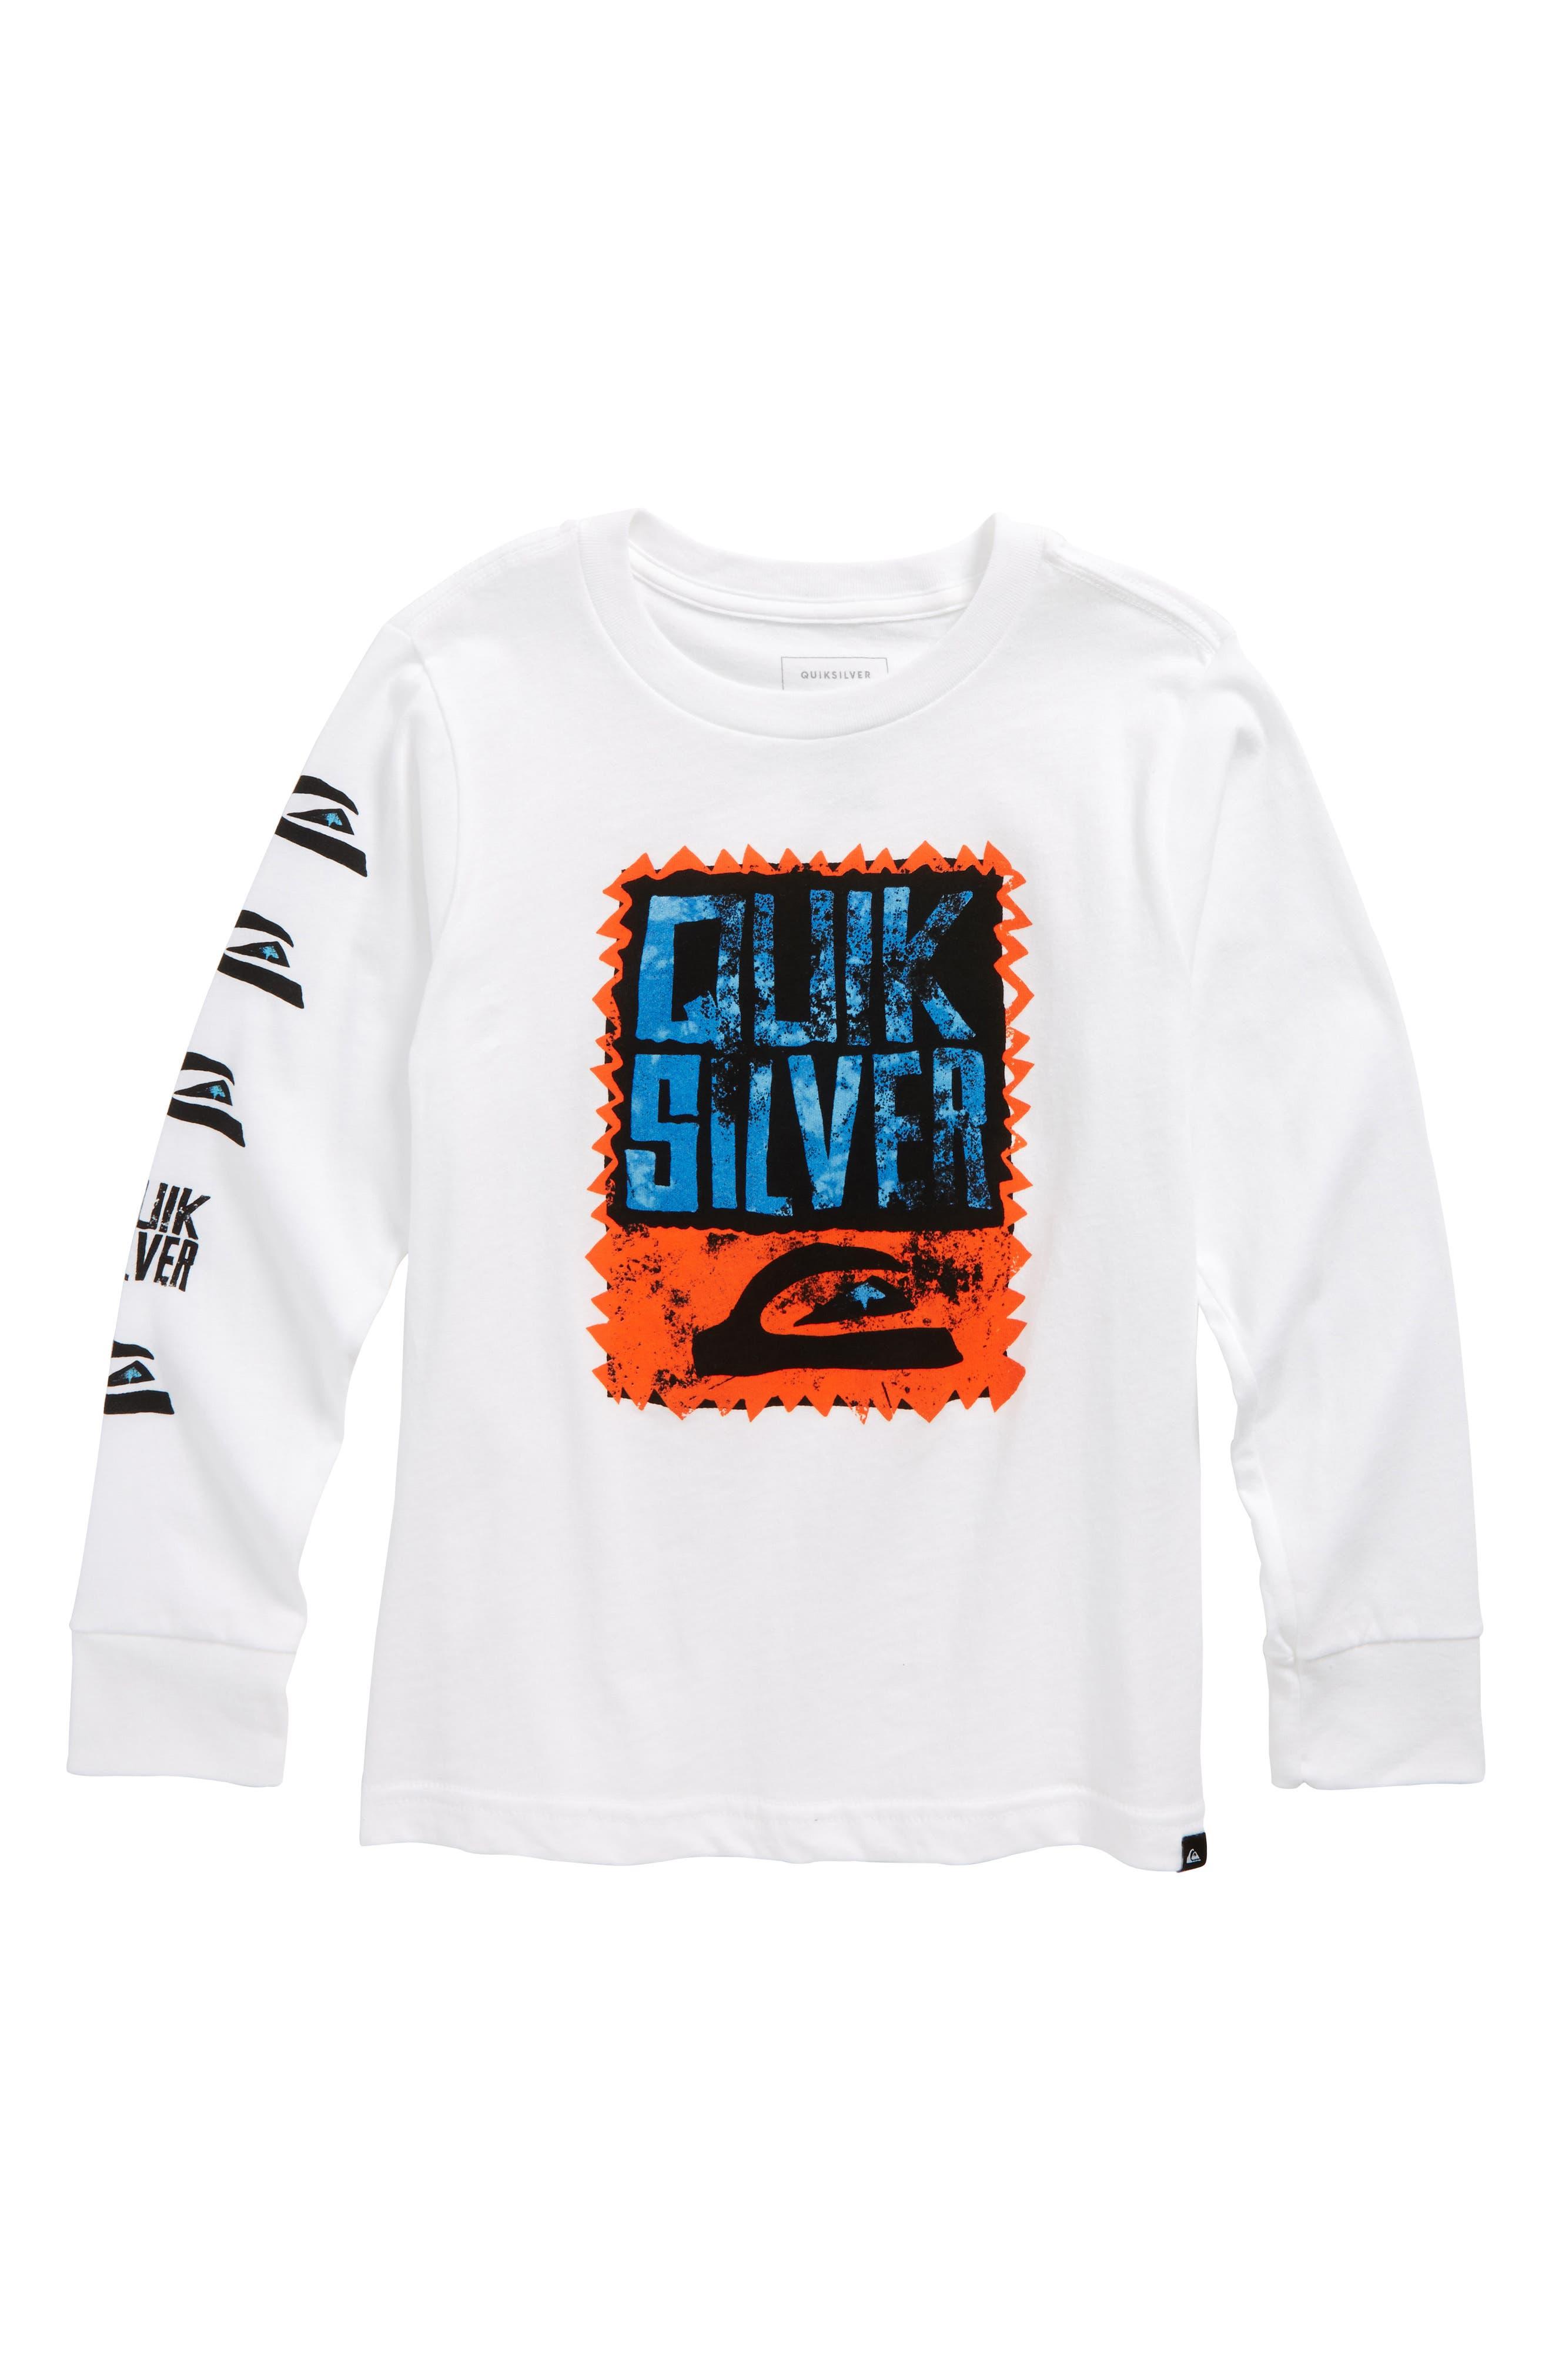 Awaken The Vibe Graphic T-Shirt,                             Main thumbnail 1, color,